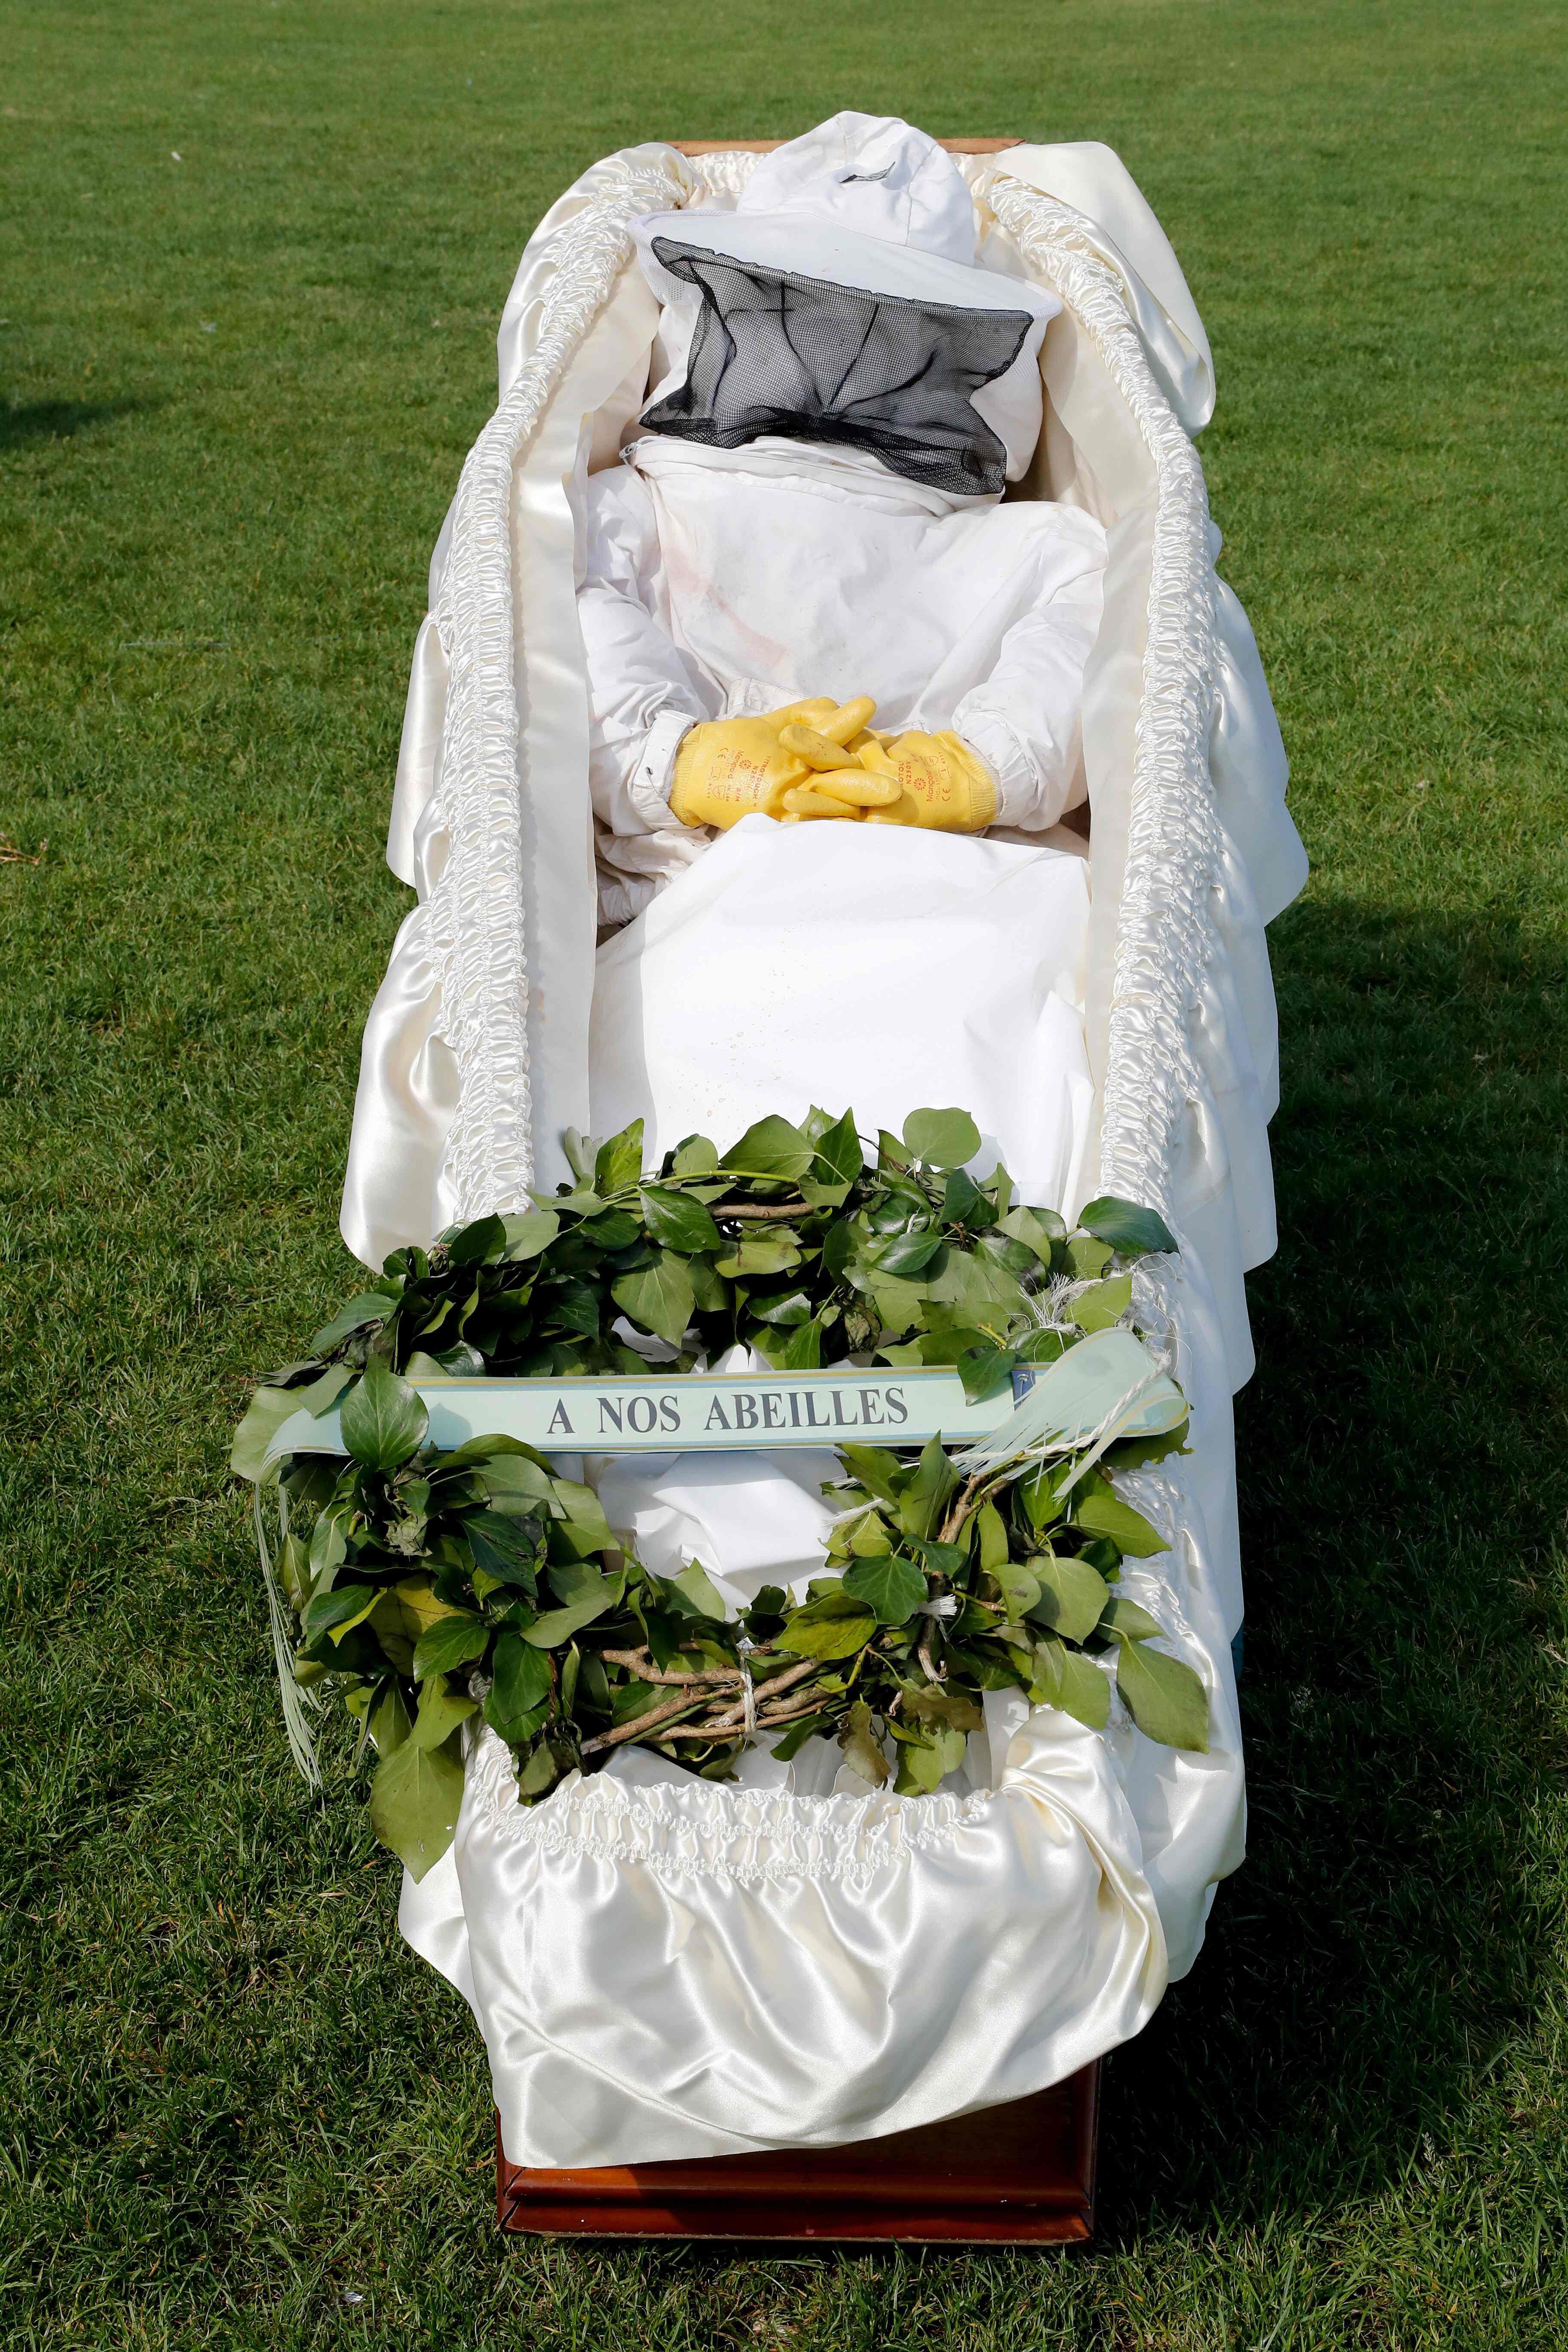 جنازة رمزية